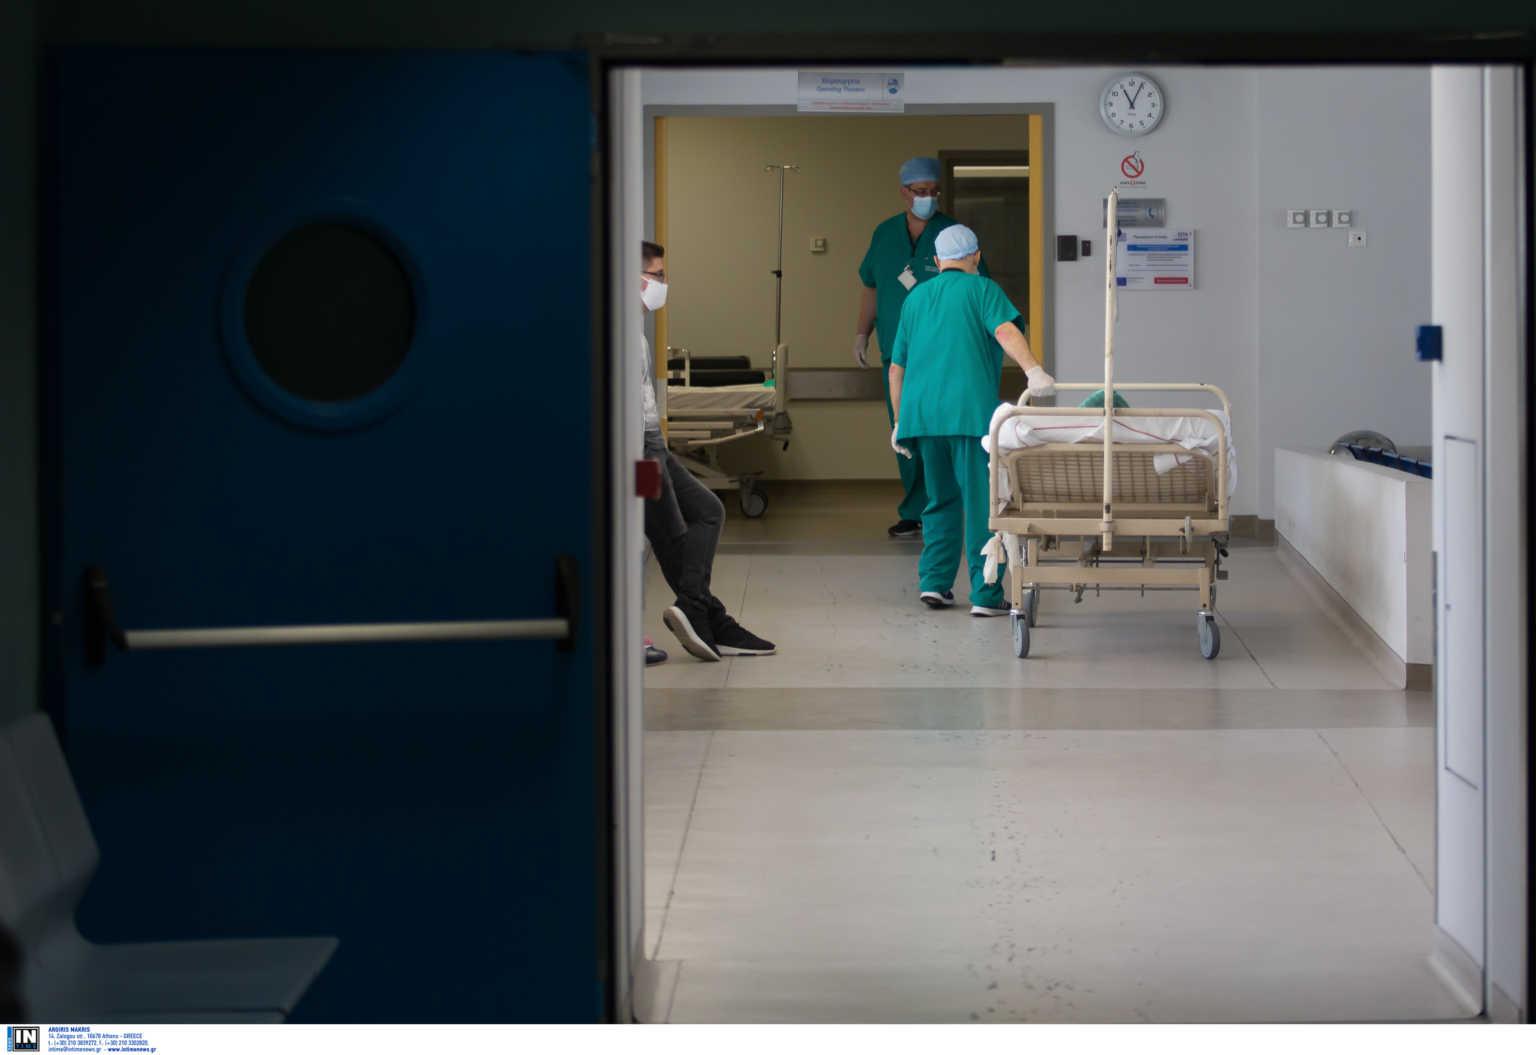 ΣΟΚ: 108 νεκροί σε 24 ώρες! 2311 νέα κρούσματα σήμερα 21 Νοεμβρίου